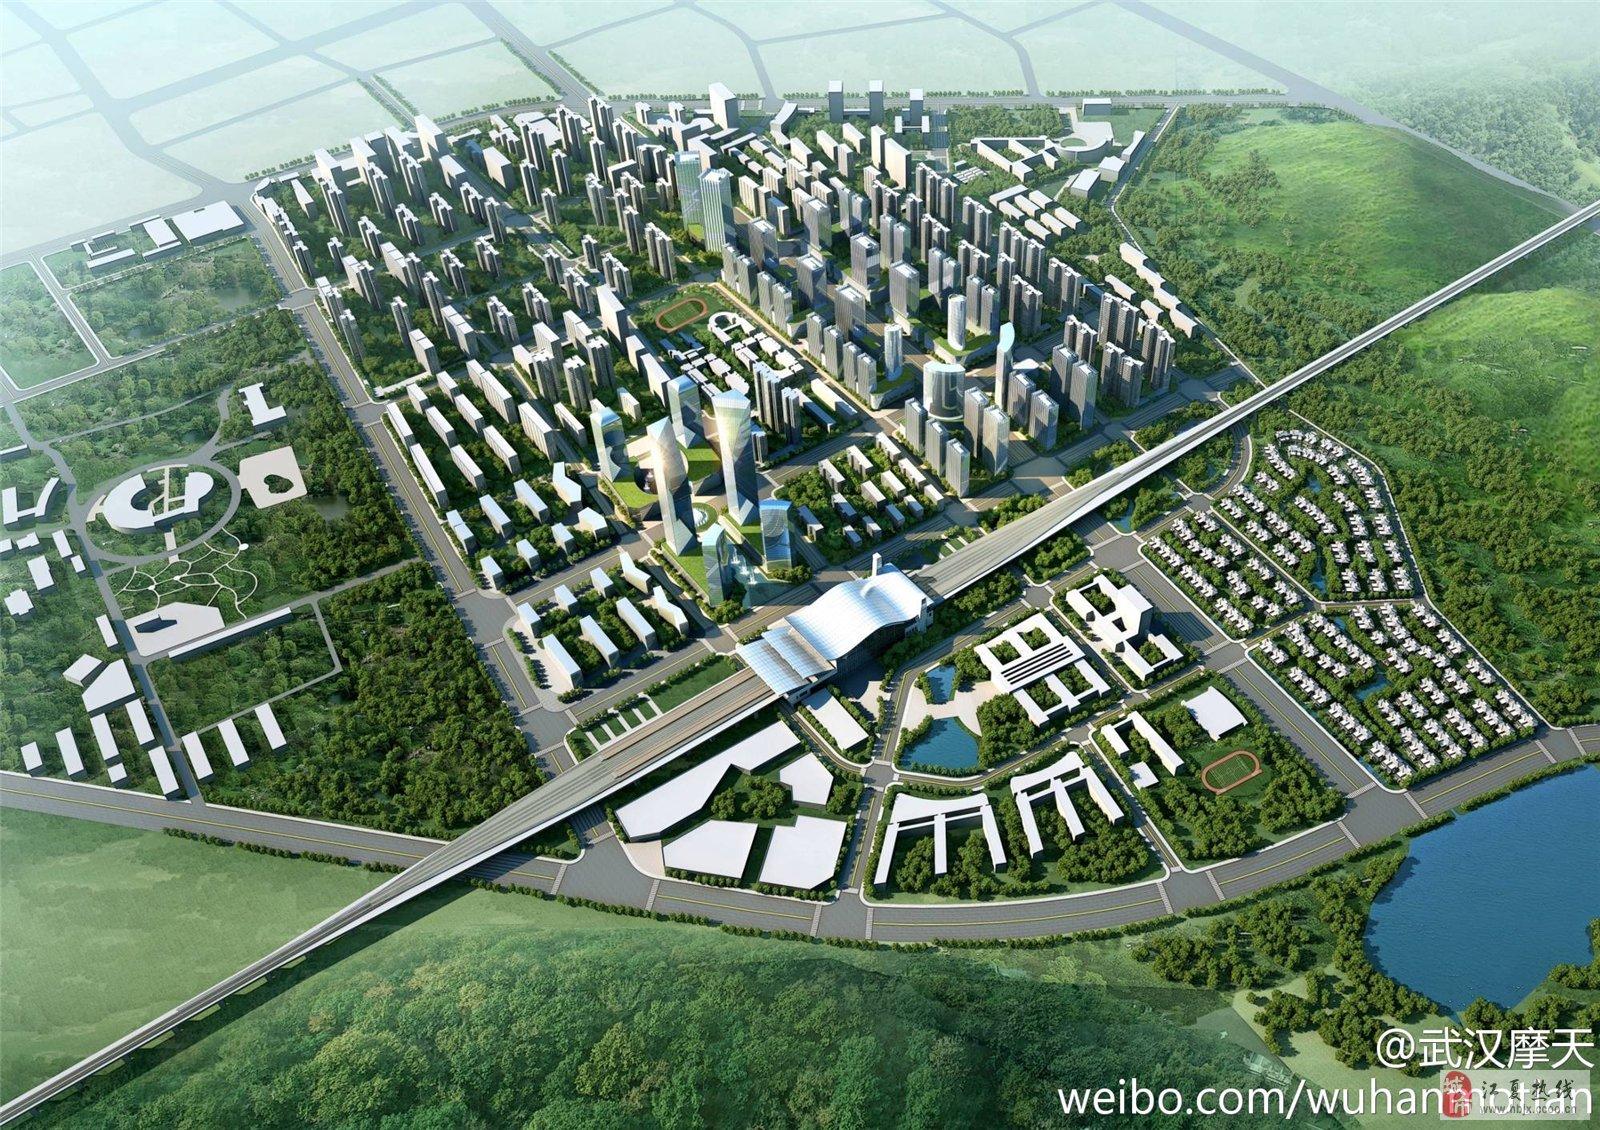 江夏纸坊城东新城发展规划全景效果图图片